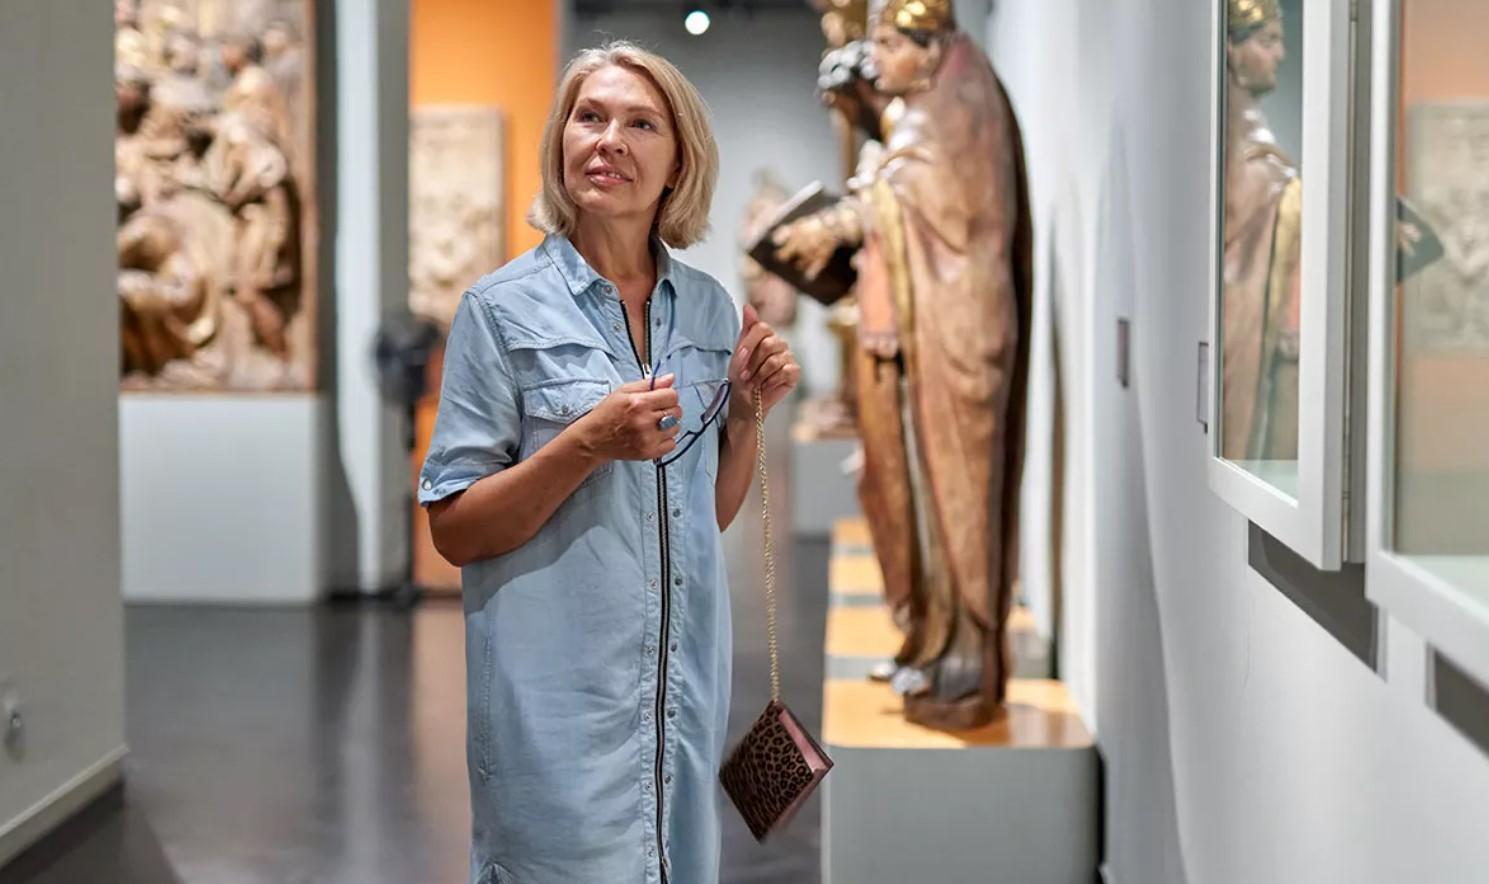 γυναίκα σε μουσείο